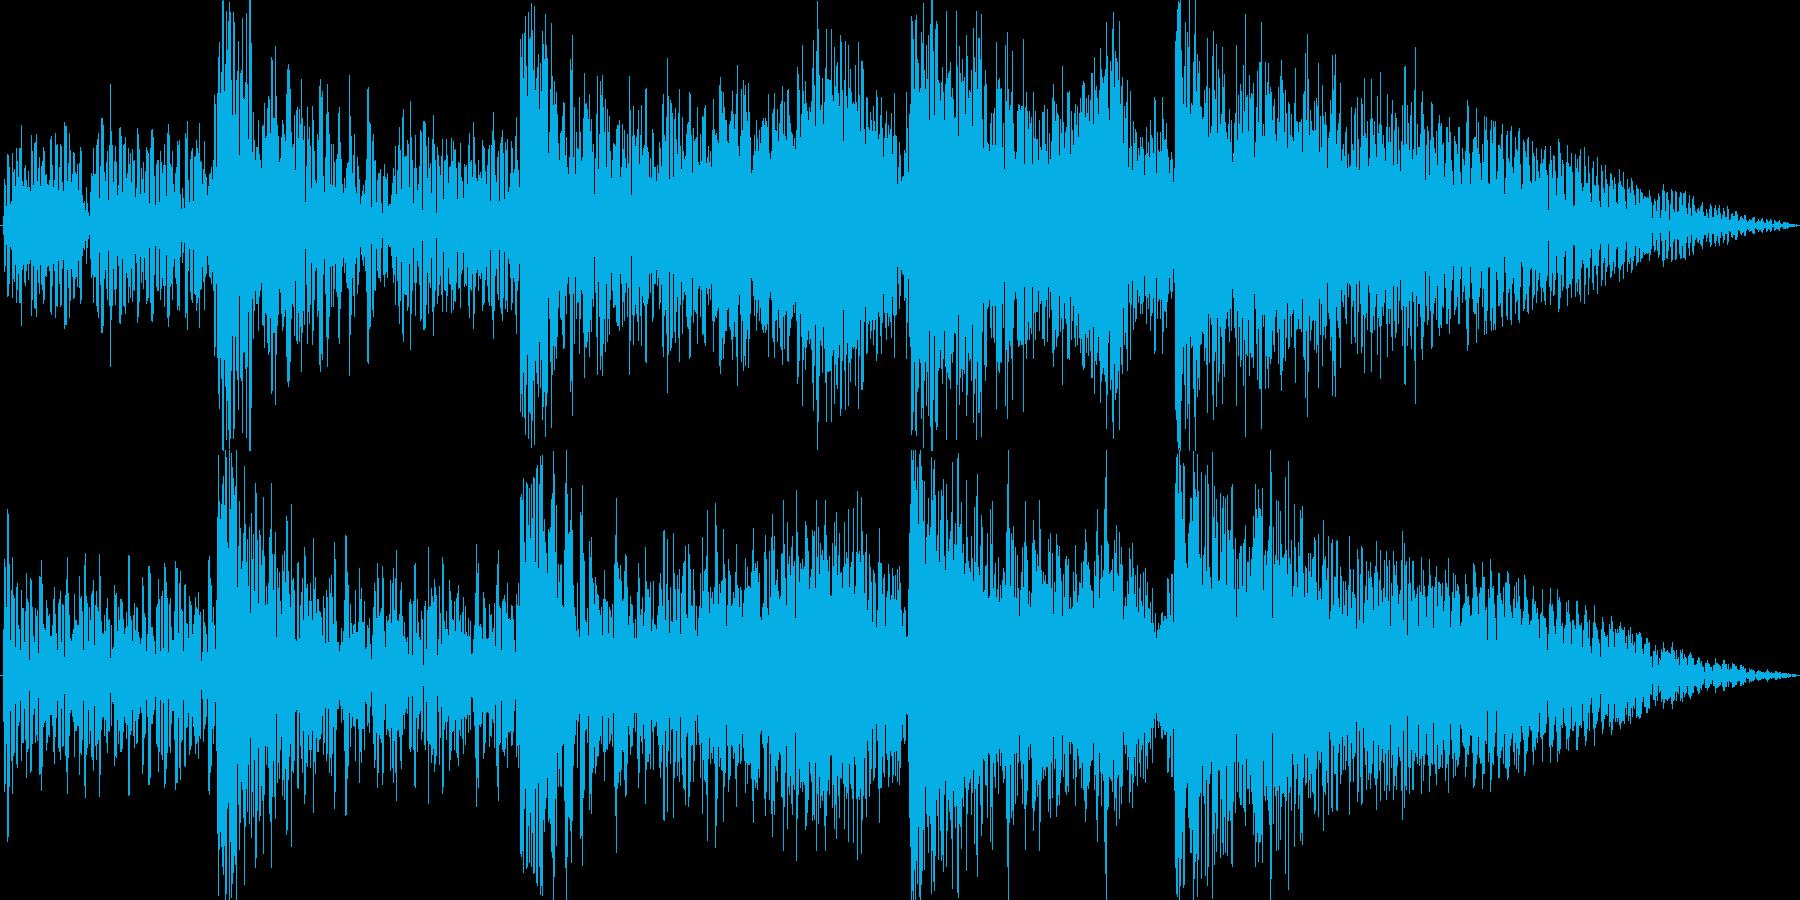 サイファイのダークでSF的な衝撃音3の再生済みの波形